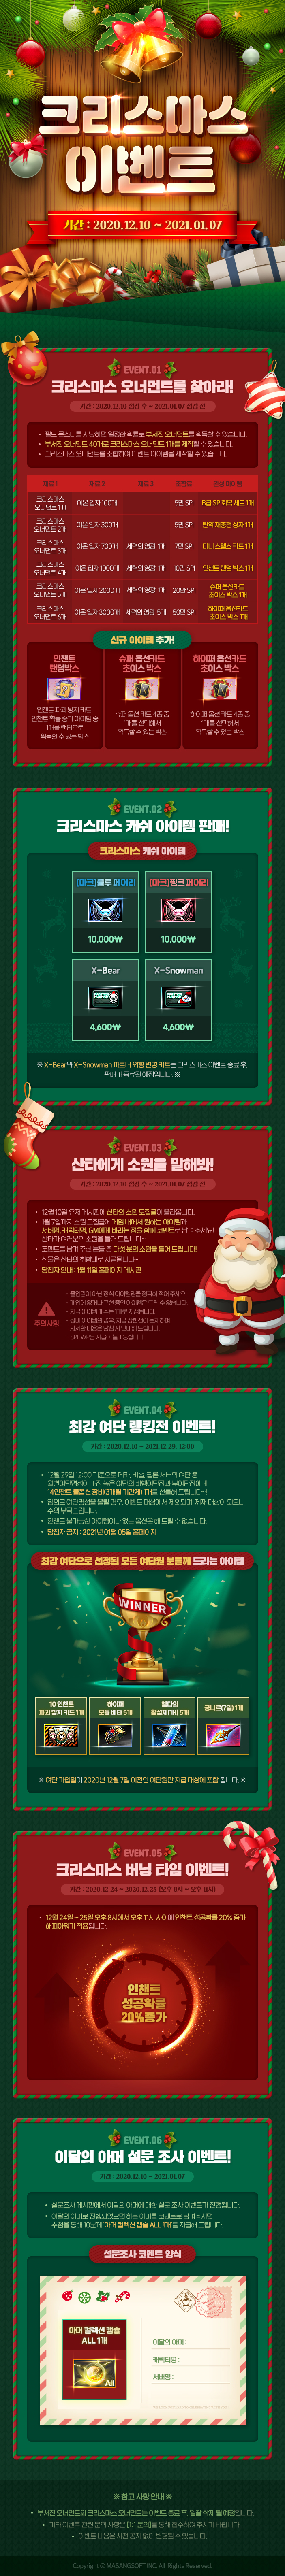 크리스마스 이벤트 (1).jpg